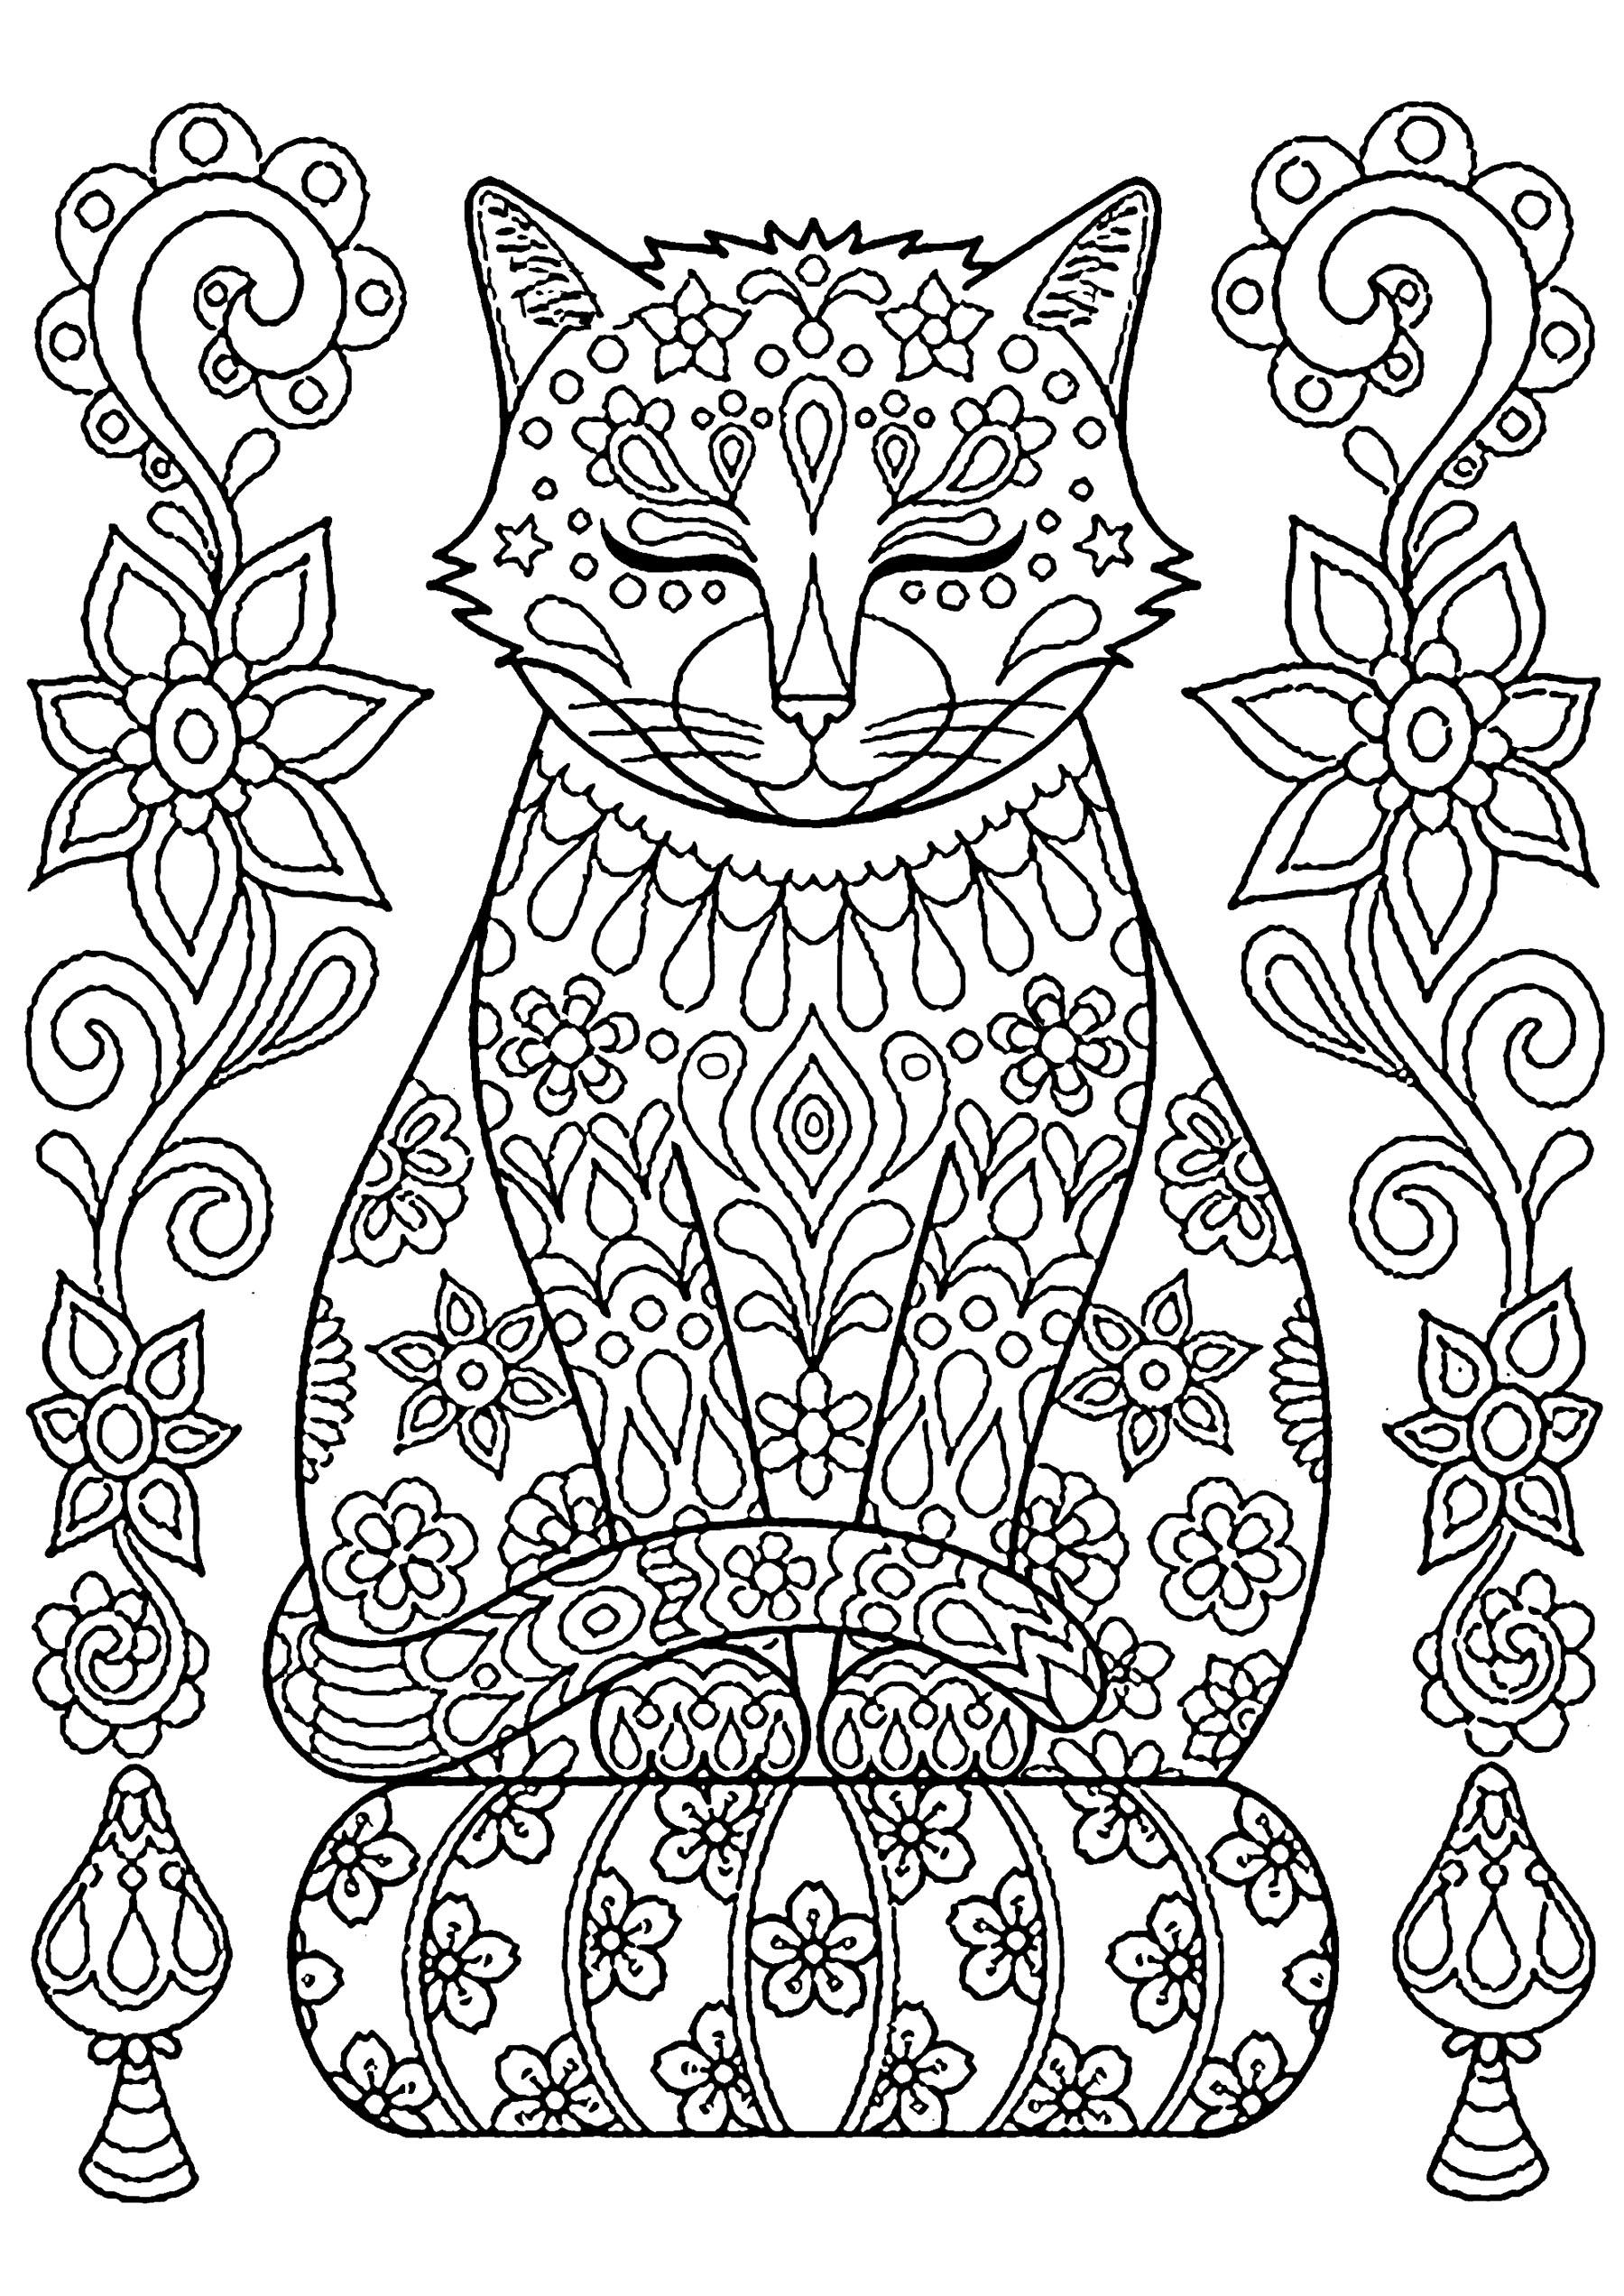 Coloriage de chat à imprimer - Coloriages de Chats ...